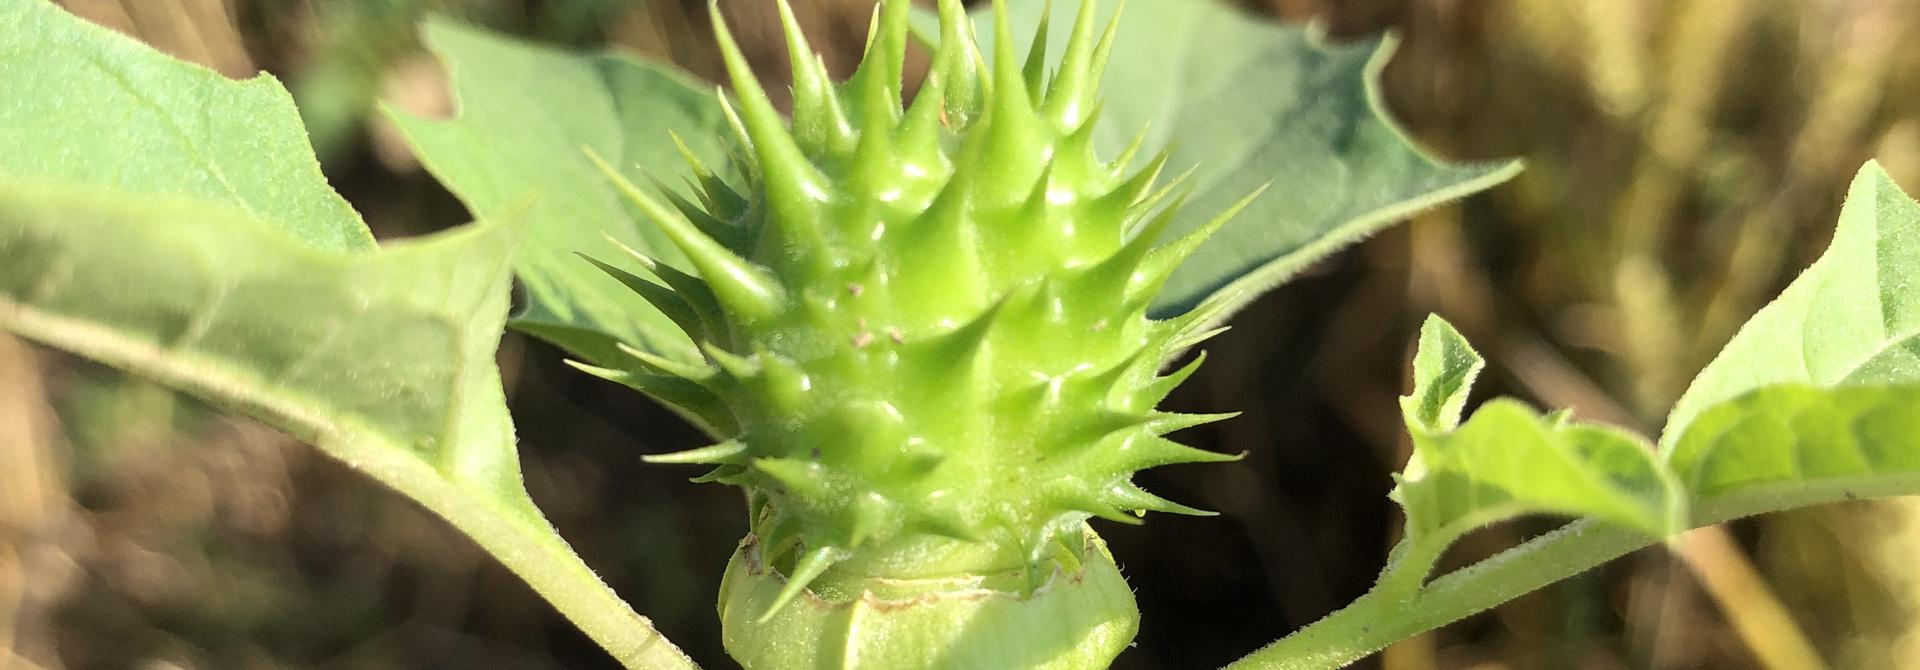 Die stachelige Samenkapsel, die dem Stechapfel seinen Namen gibt, ist gefu00fcllt mit scharzen keimfu00e4higen Samen.>